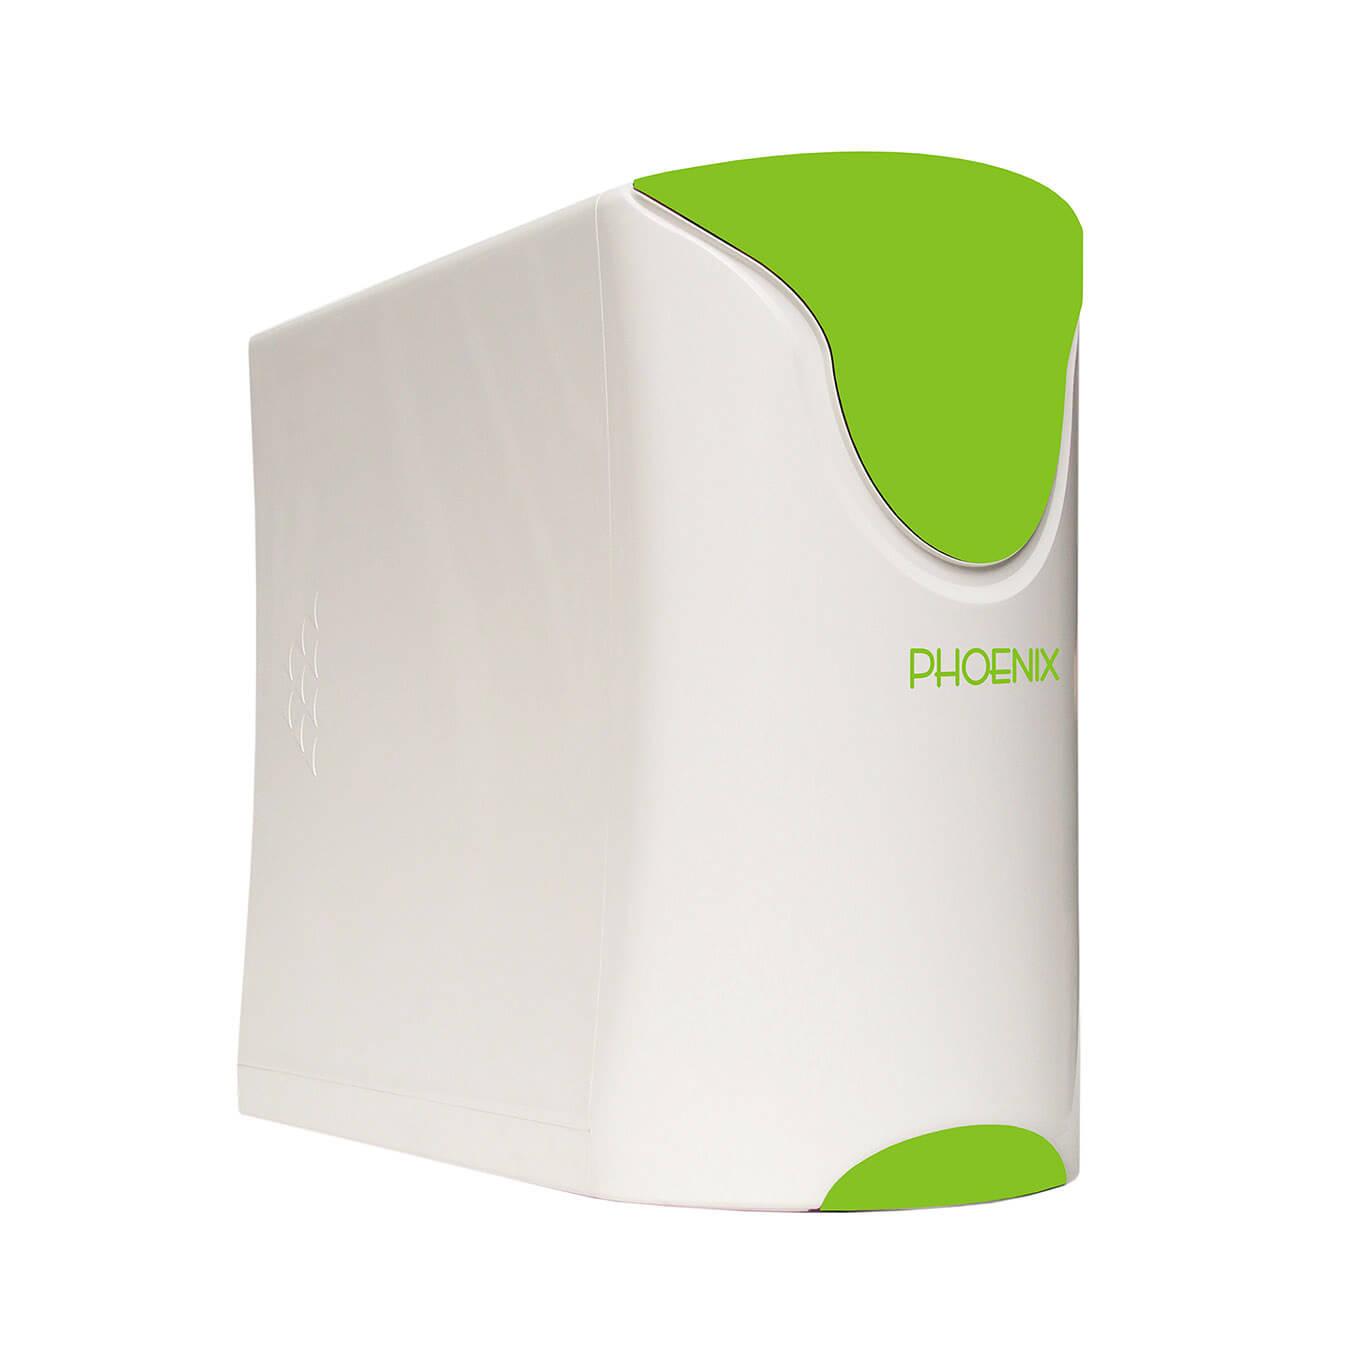 Phoenix - sistem de filtrare apa cu osmoza inversa